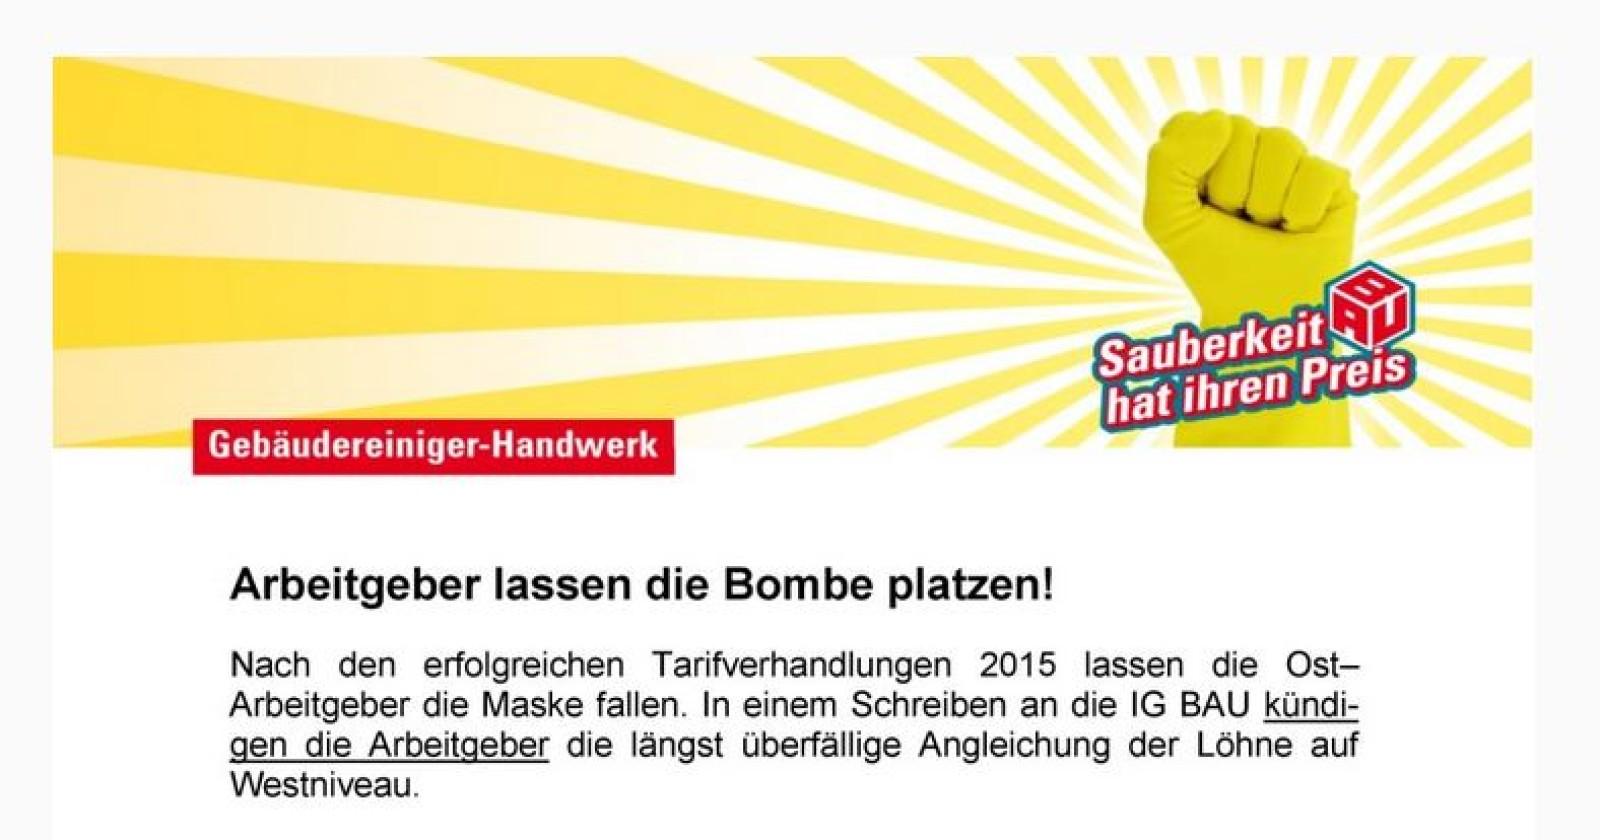 Arbeitgeber lassen die Bombe platzen!